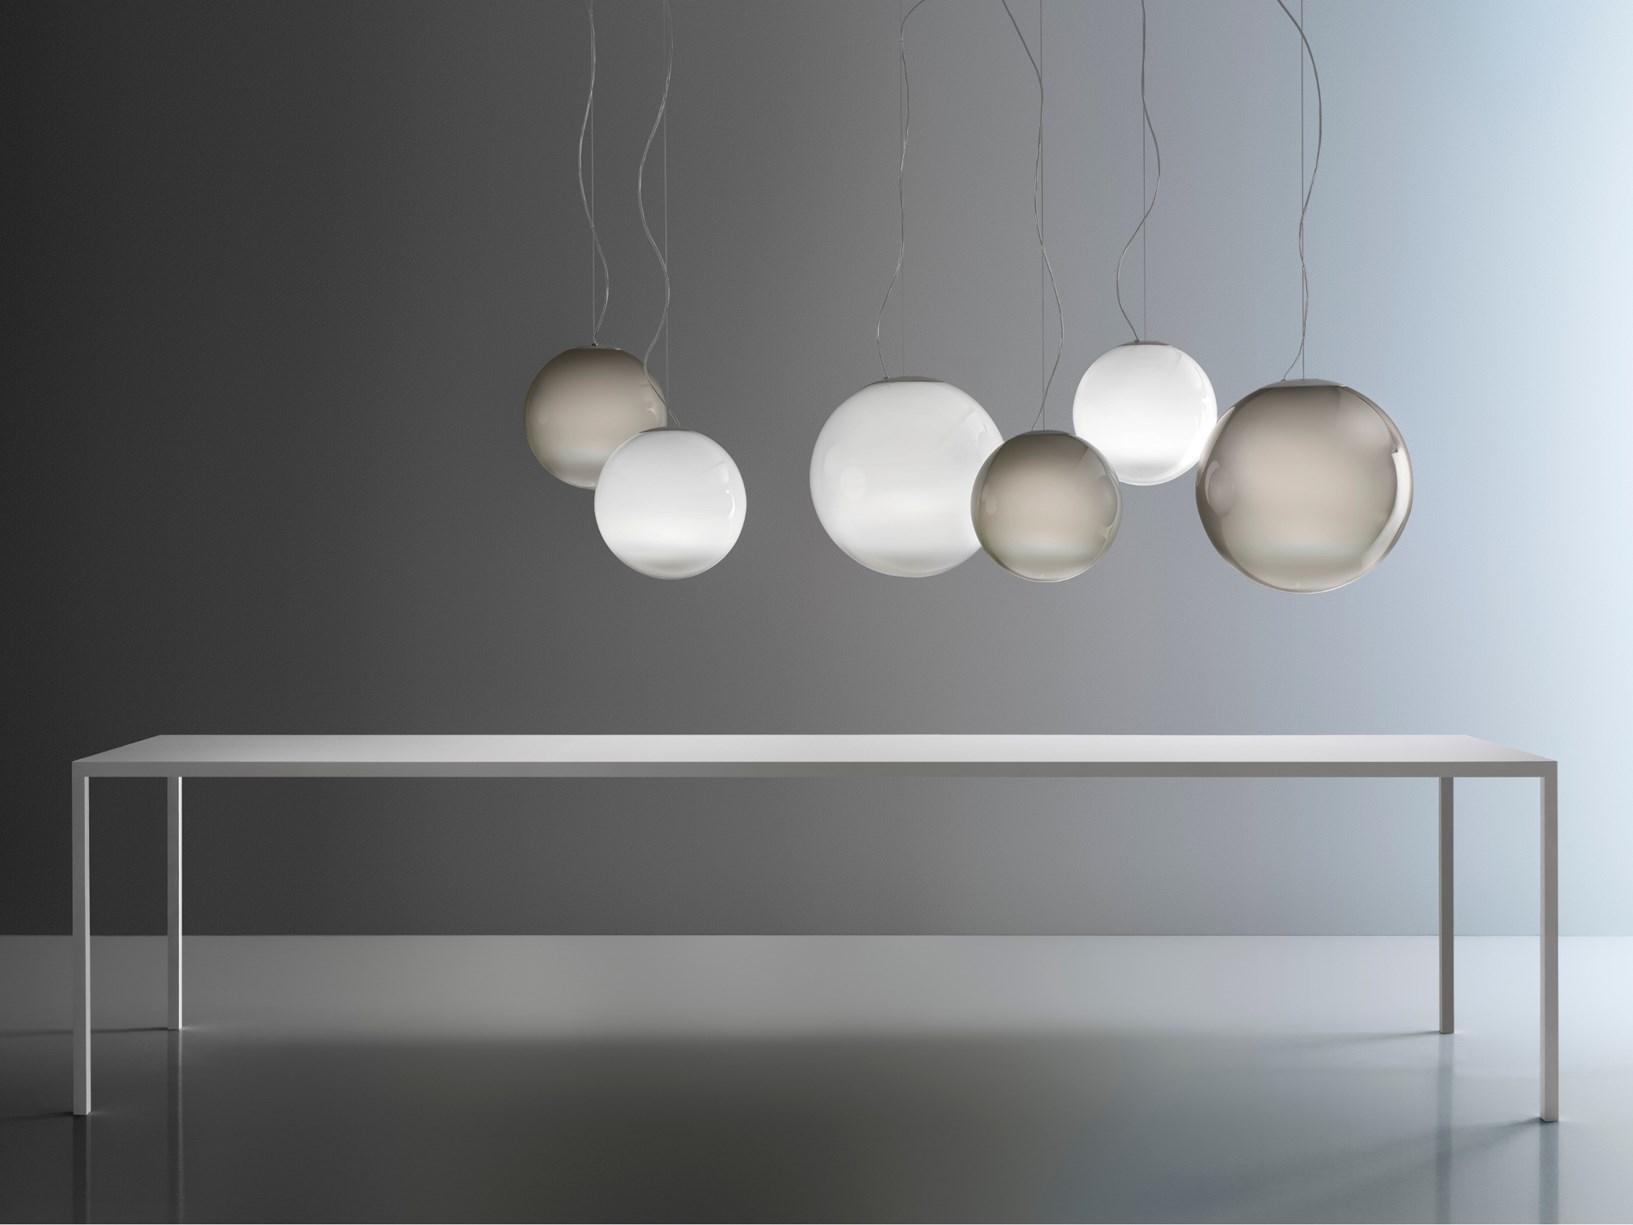 Lampadario Con Punto Luce Decentrato illuminare l'open space: idee illuminazione casa moderna